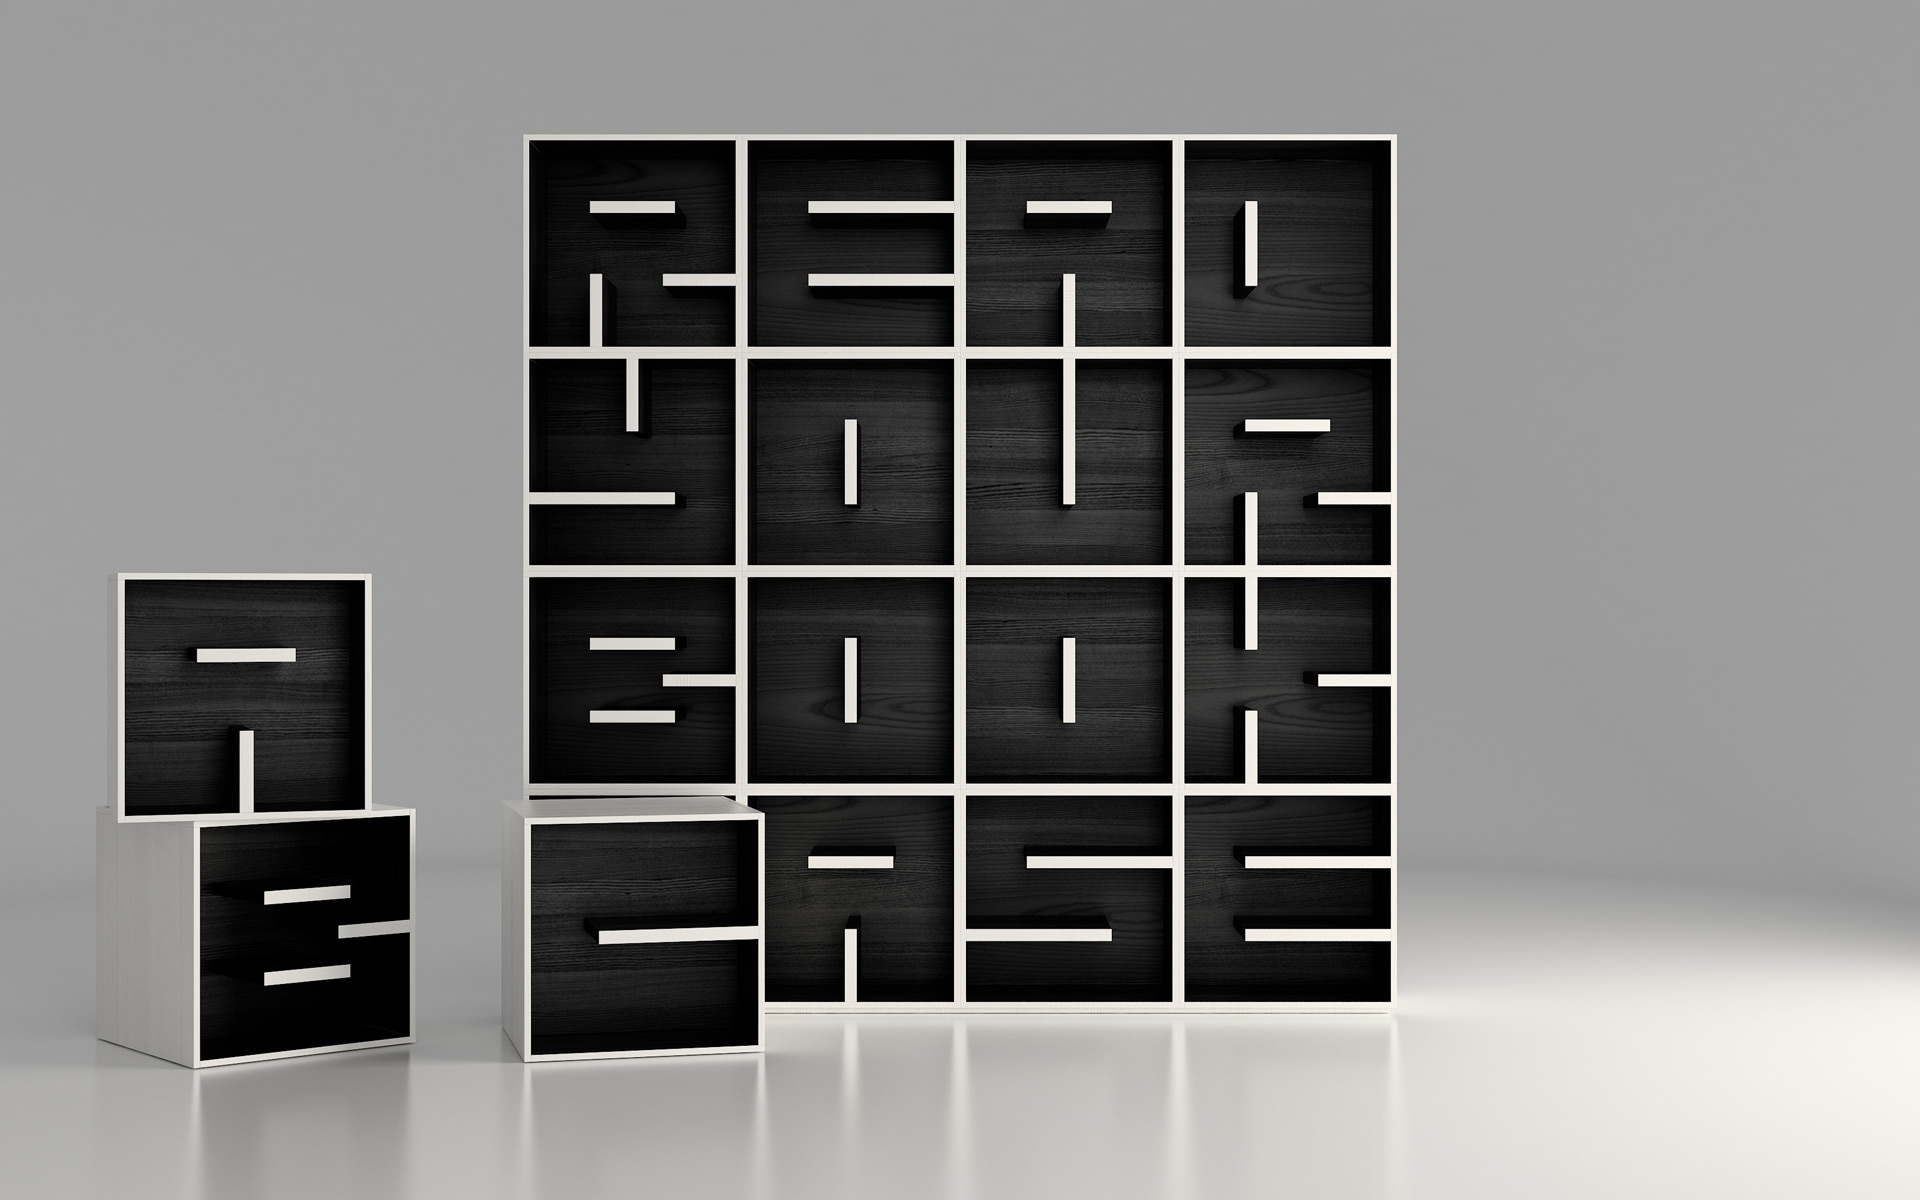 Desain ABC yang unik untuk sebuah rak buku (Sumber: saporiti.net)